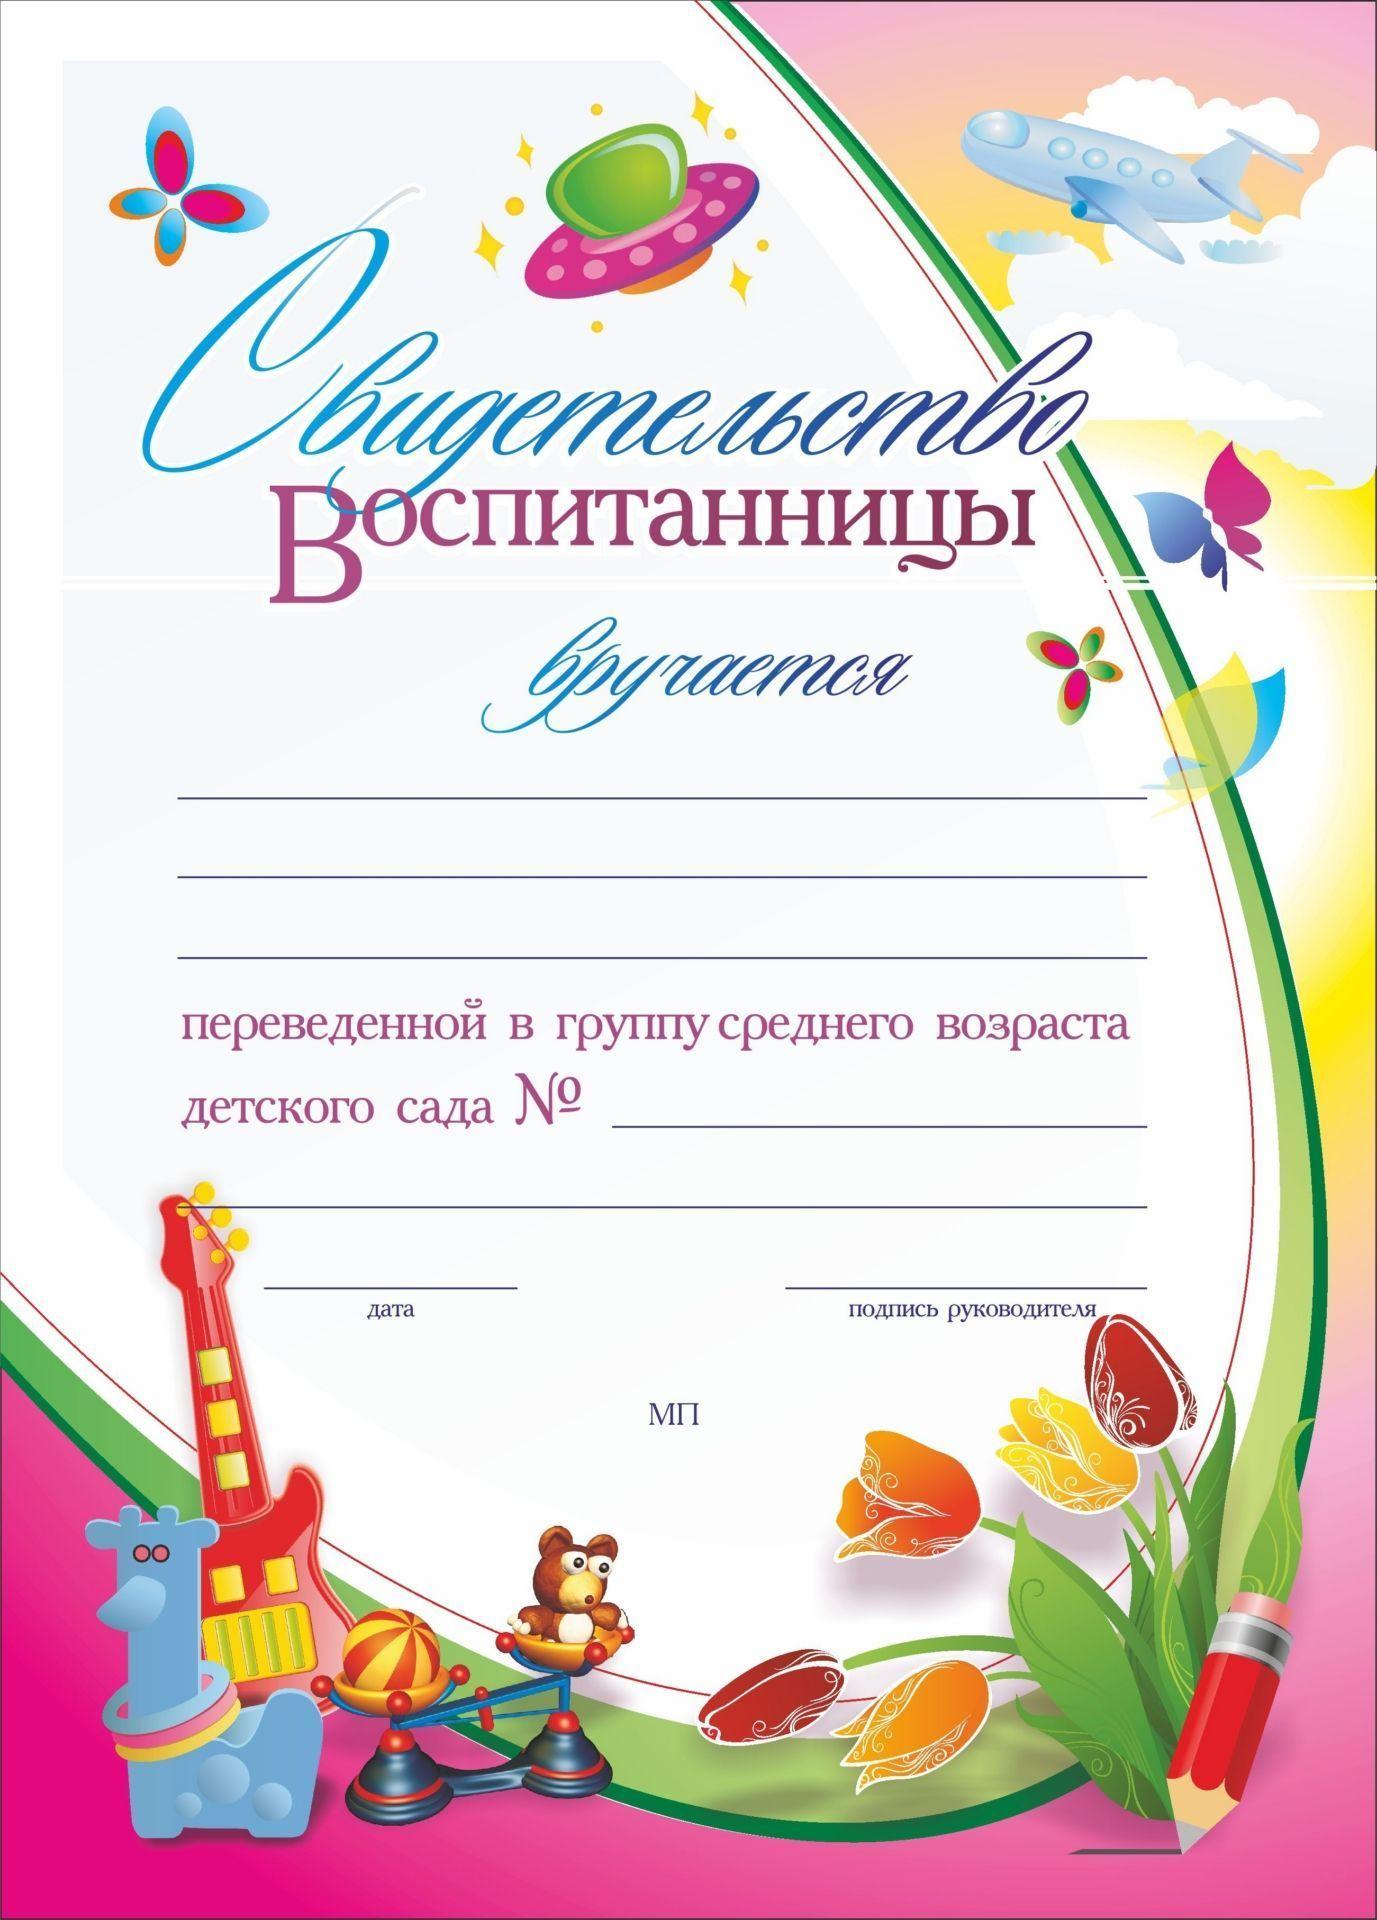 Свидетельство воспитанницы, переведенной в группу среднего возраста детского сада: (Формат А4, бумага мелованная матовая, пл.250)